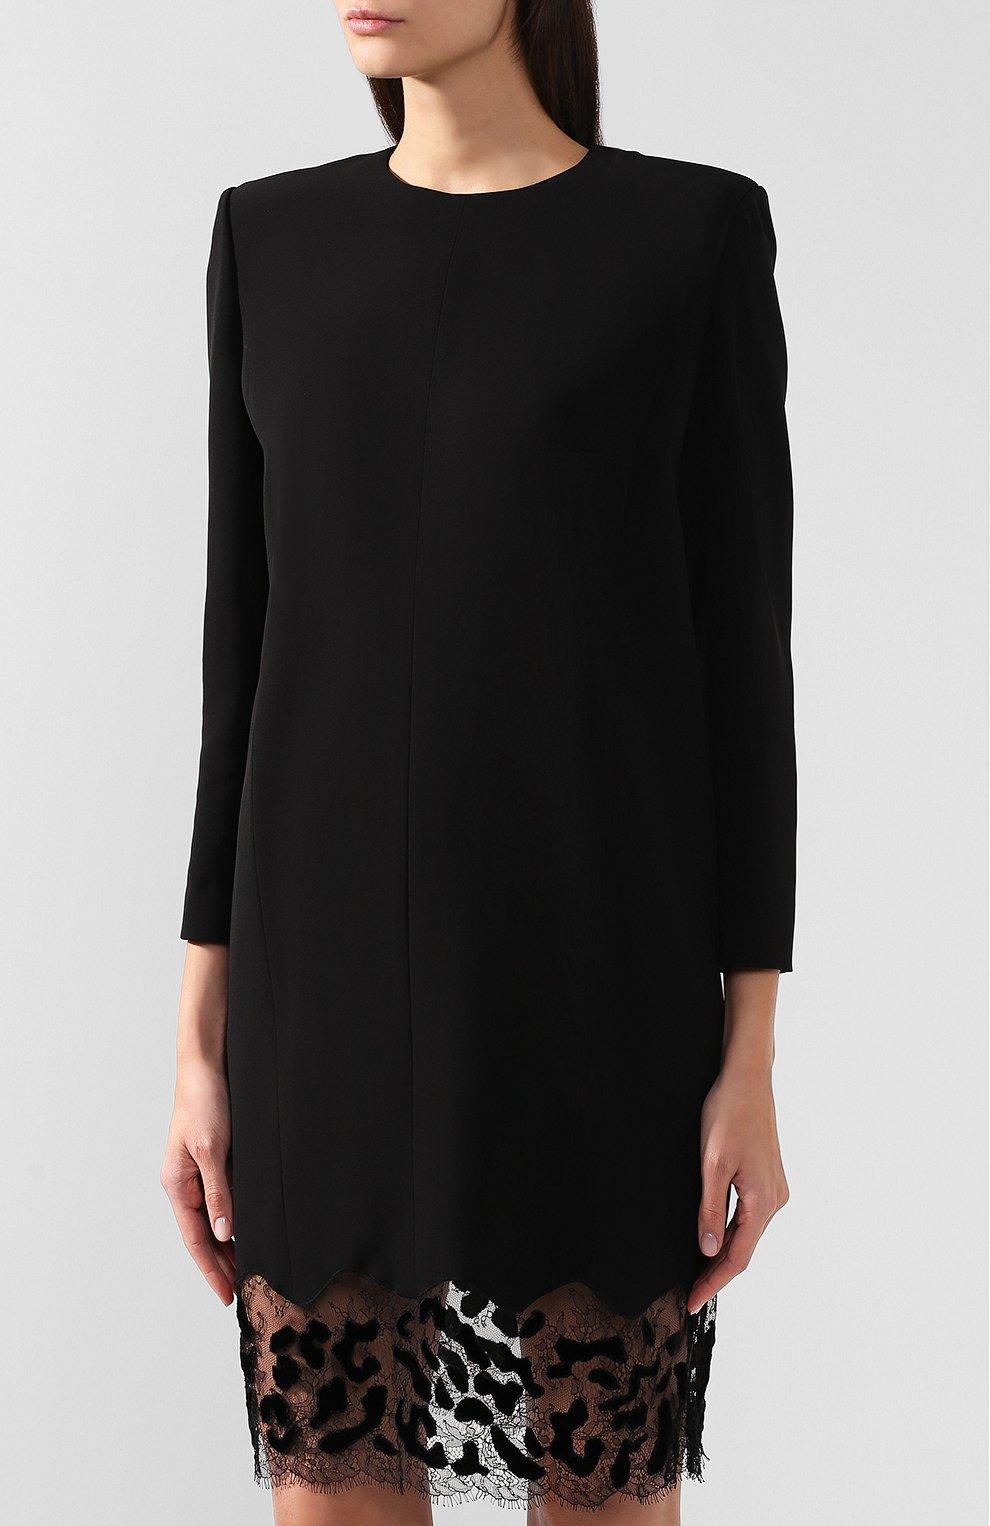 c110ff5d720 Женское черное платье прямого кроя с кружевной вставкой GIVENCHY ...